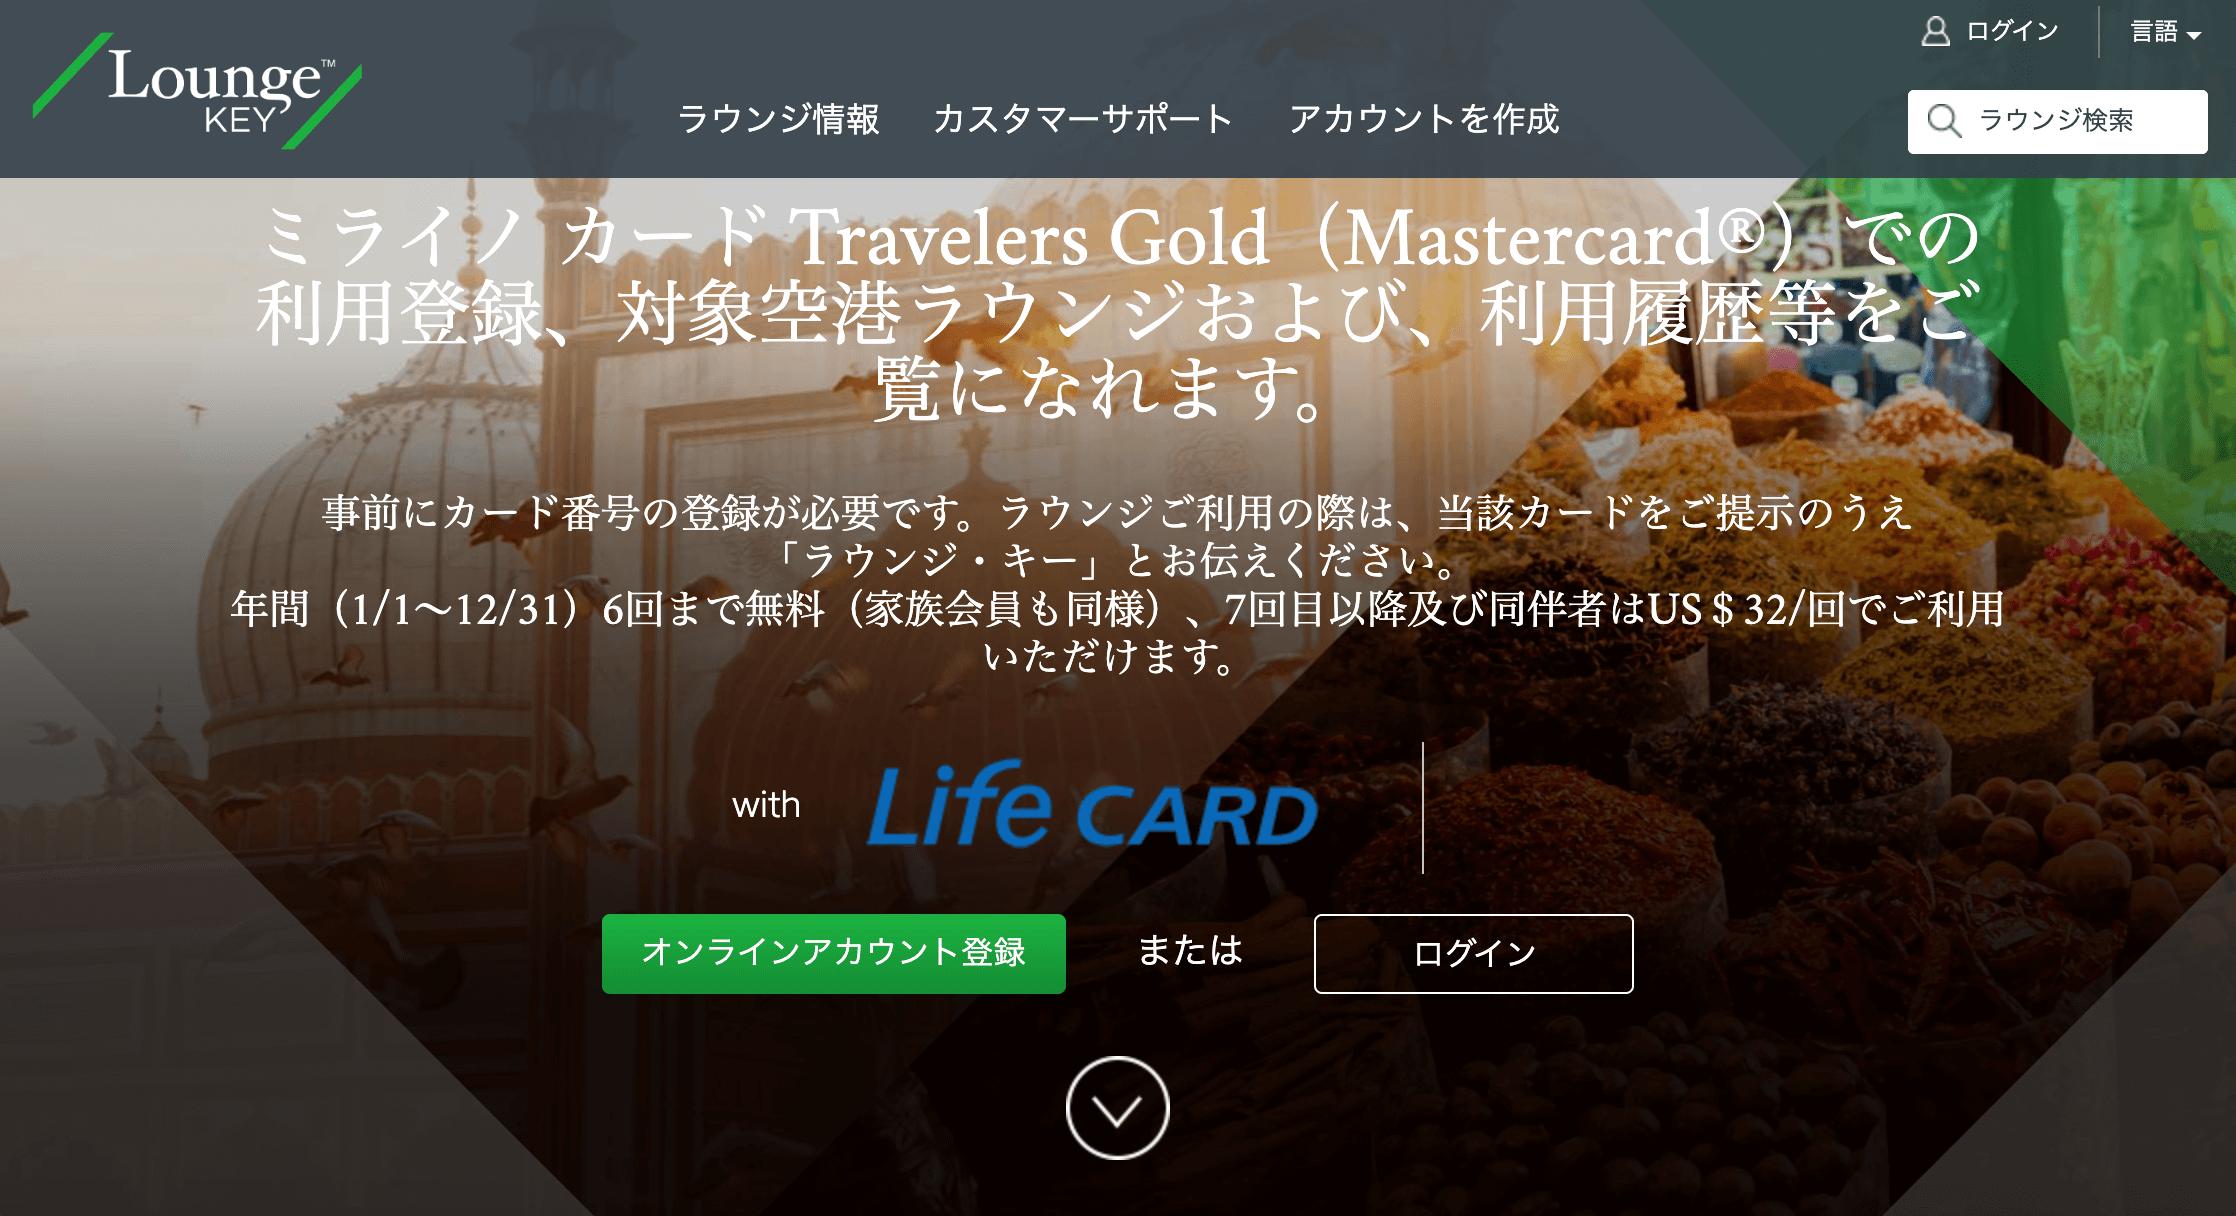 ミライノ カード Travelers Goldのラウンジ・キー(2019年10月版)